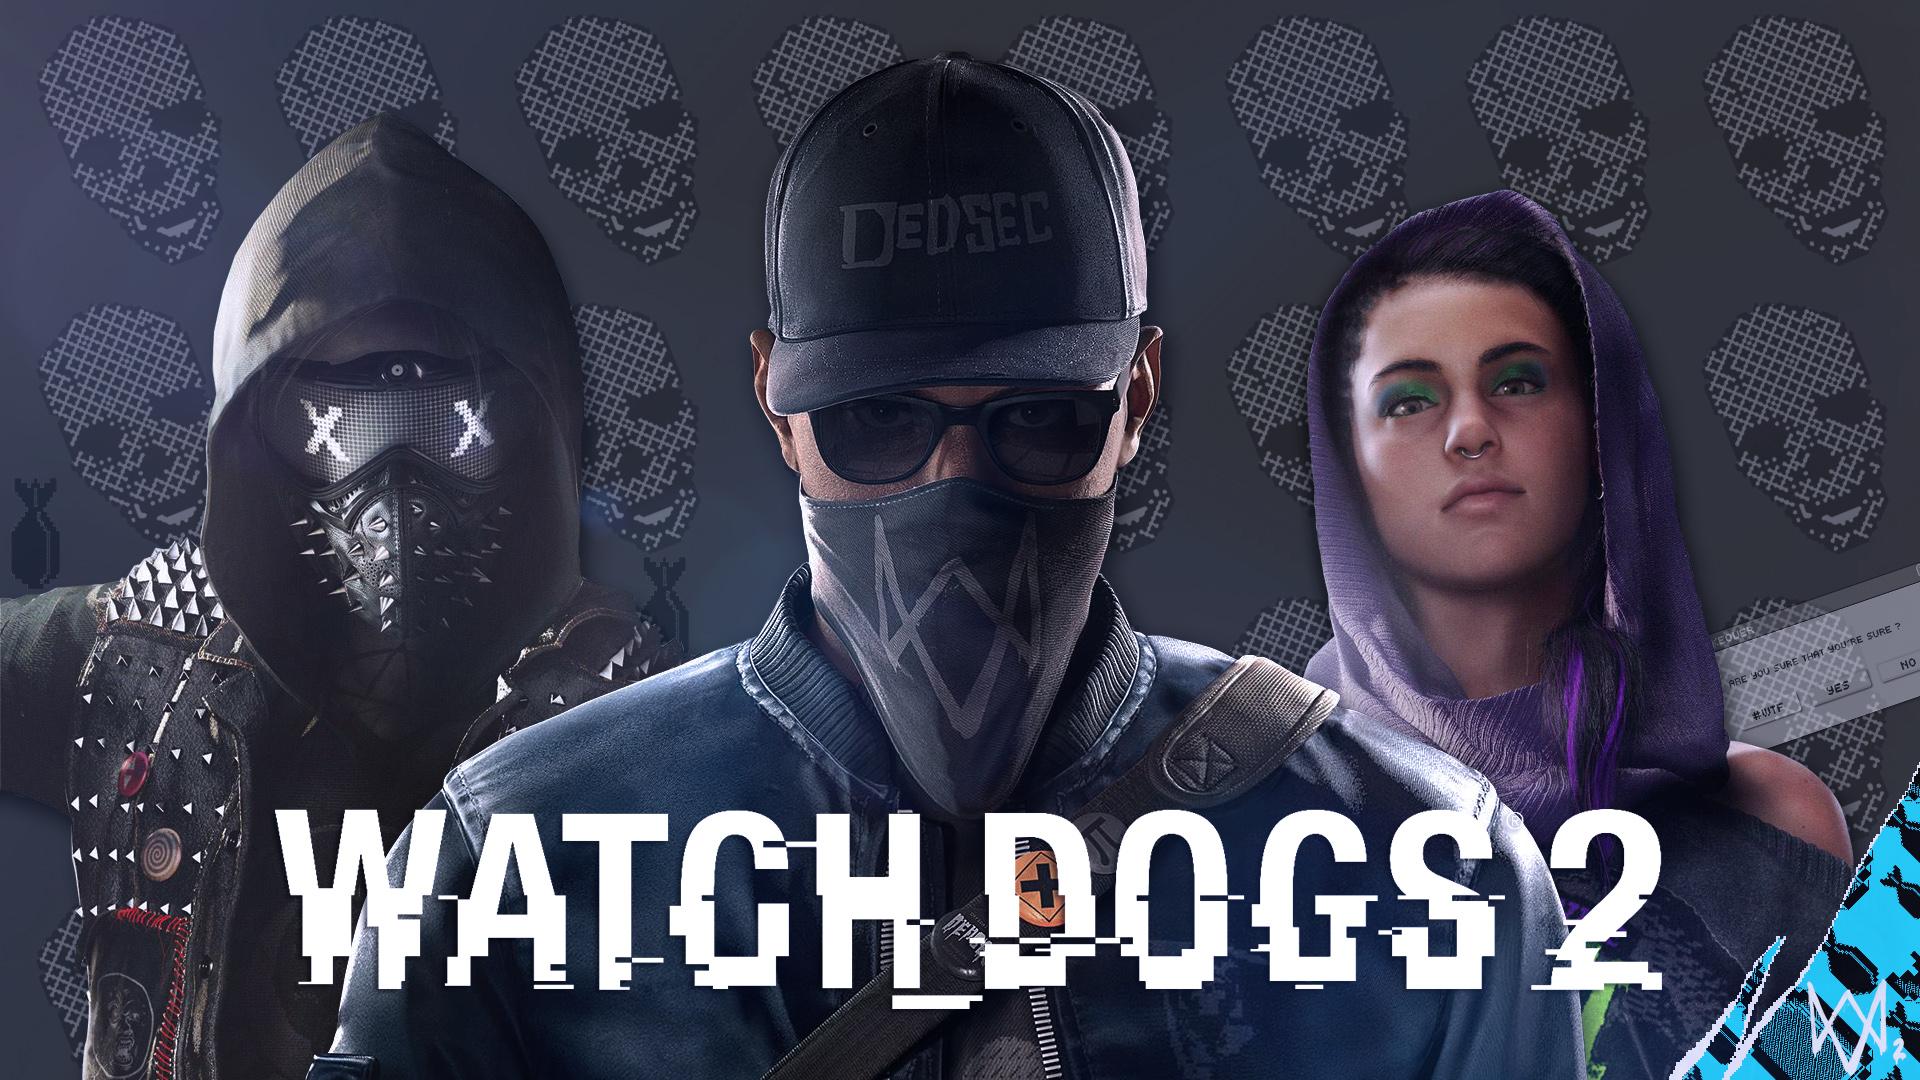 Watch Dogs 2 Dedsec Trio Fan Wallpaper By Digital Zky On Deviantart